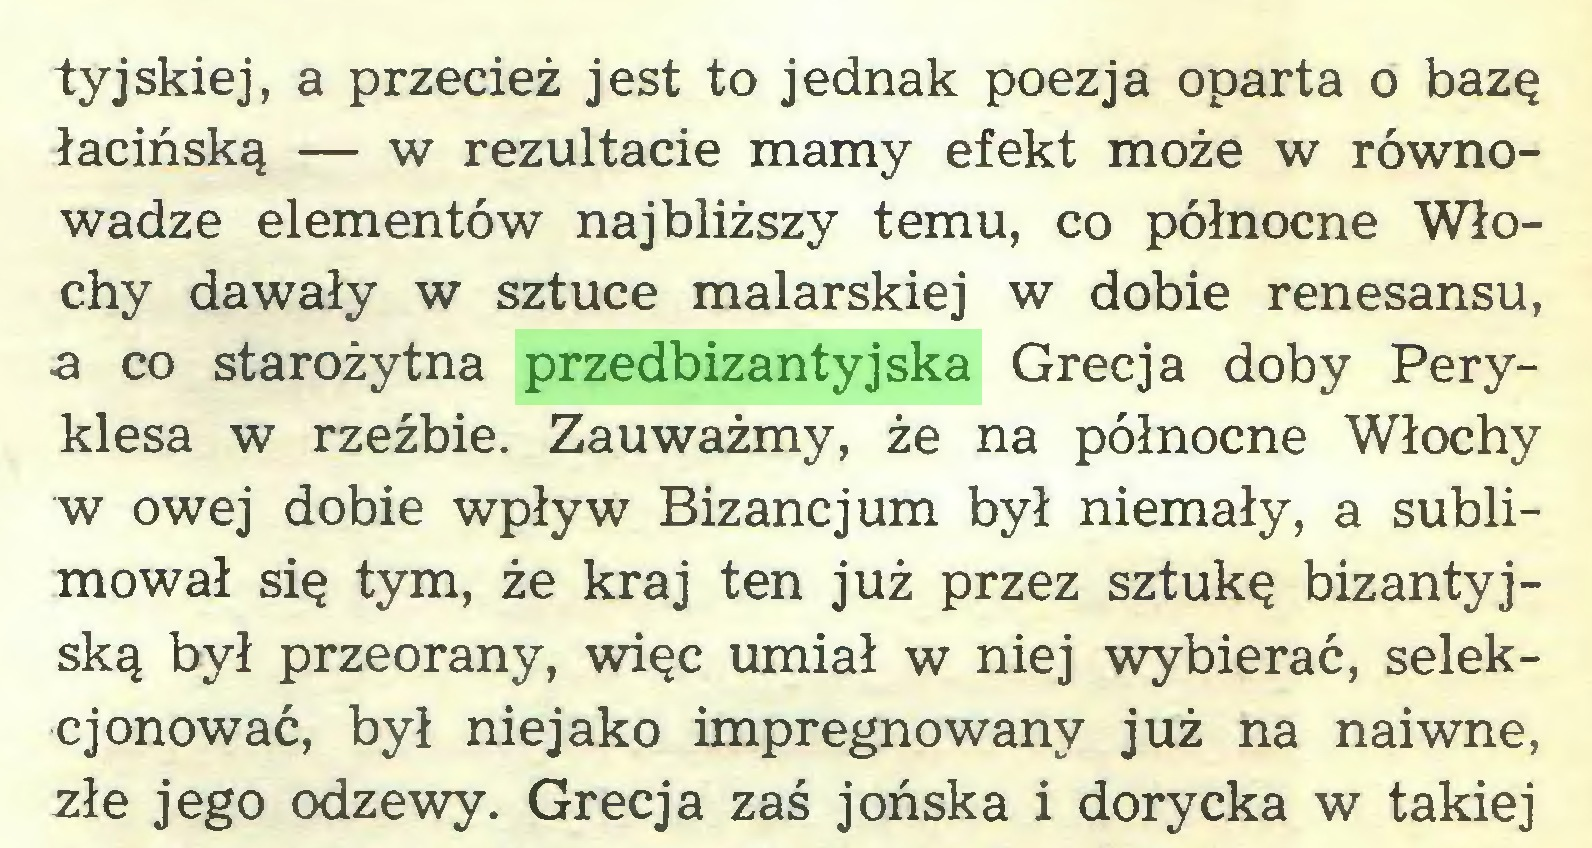 (...) tyjskiej, a przecież jest to jednak poezja oparta o bazę łacińską — w rezultacie mamy efekt może w równowadze elementów najbliższy temu, co północne Włochy dawały w sztuce malarskiej w dobie renesansu, ■a co starożytna przedbizantyjska Grecja doby Peryklesa w rzeźbie. Zauważmy, że na północne Włochy w owej dobie wpływ Bizancjum był niemały, a sublimował się tym, że kraj ten już przez sztukę bizantyjską był przeorany, więc umiał w niej wybierać, selekcjonować, był niejako impregnowany już na naiwne, złe jego odzewy. Grecja zaś jońska i dorycka w takiej...